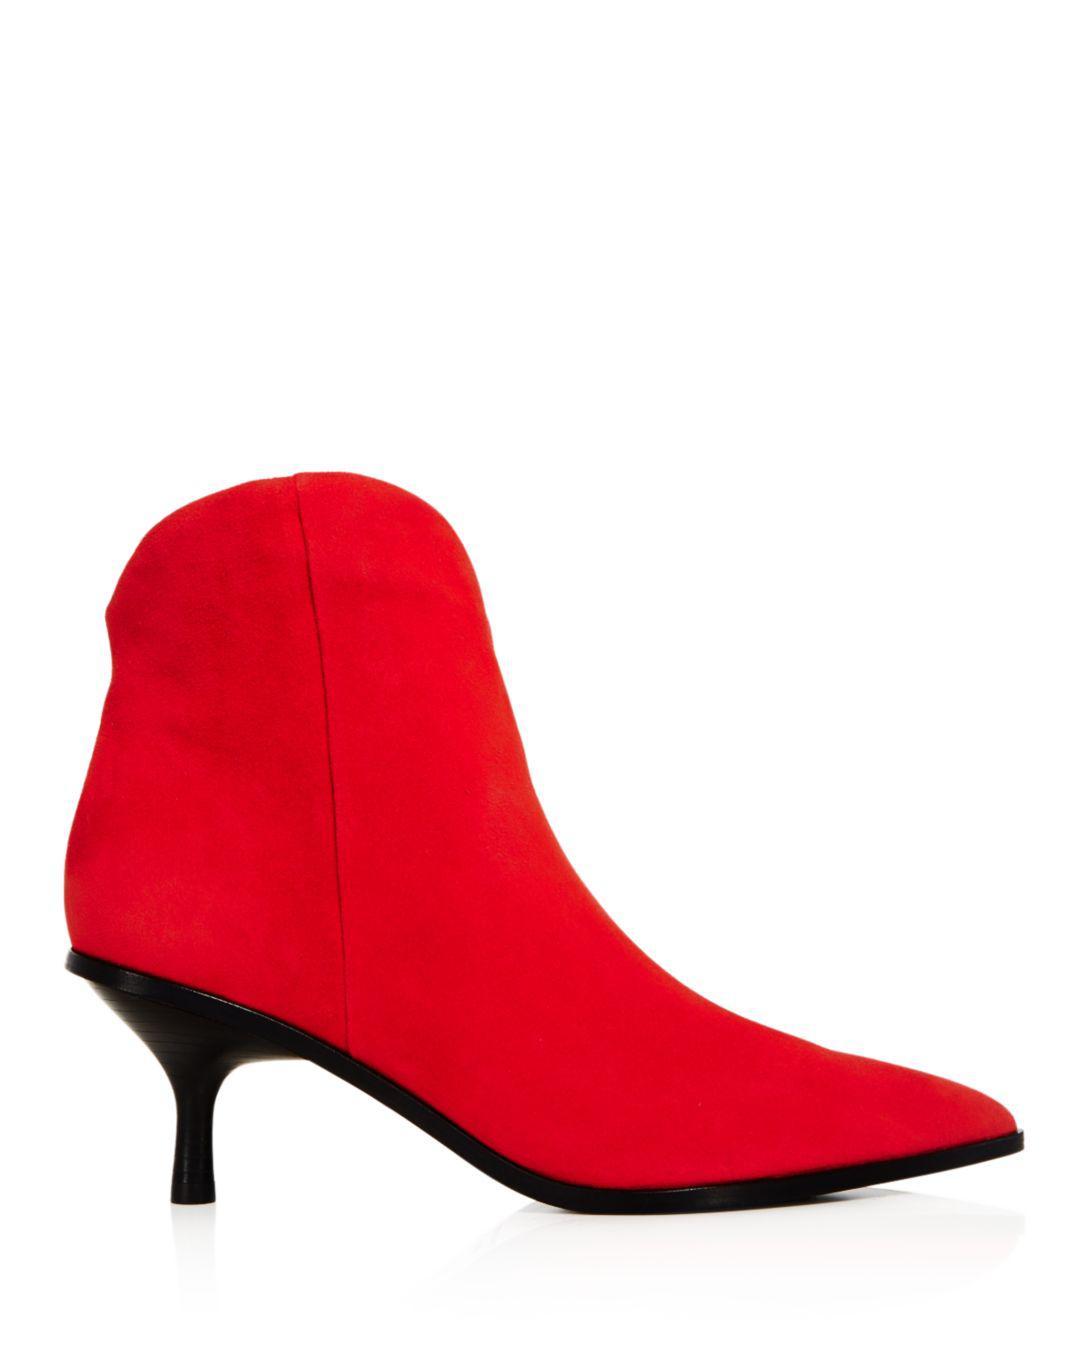 1bd1f9762fb Sigerson Morrison Suede Women's Hayleigh Kitten-heel Booties in Red ...